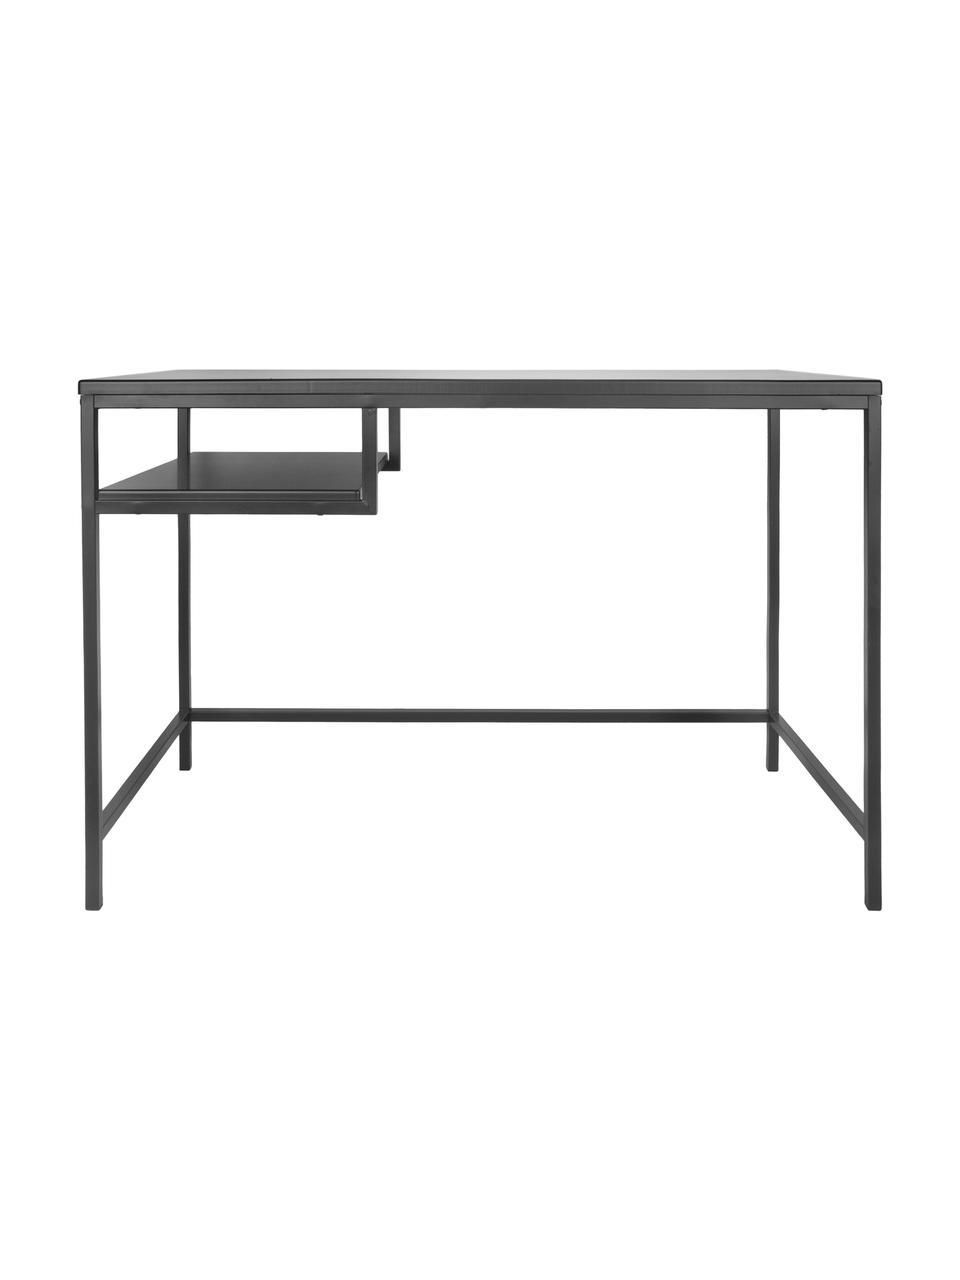 Metalen bureau Fushion in zwart, Frame: gepoedercoat metaal, Zwart, 114 x 76 cm